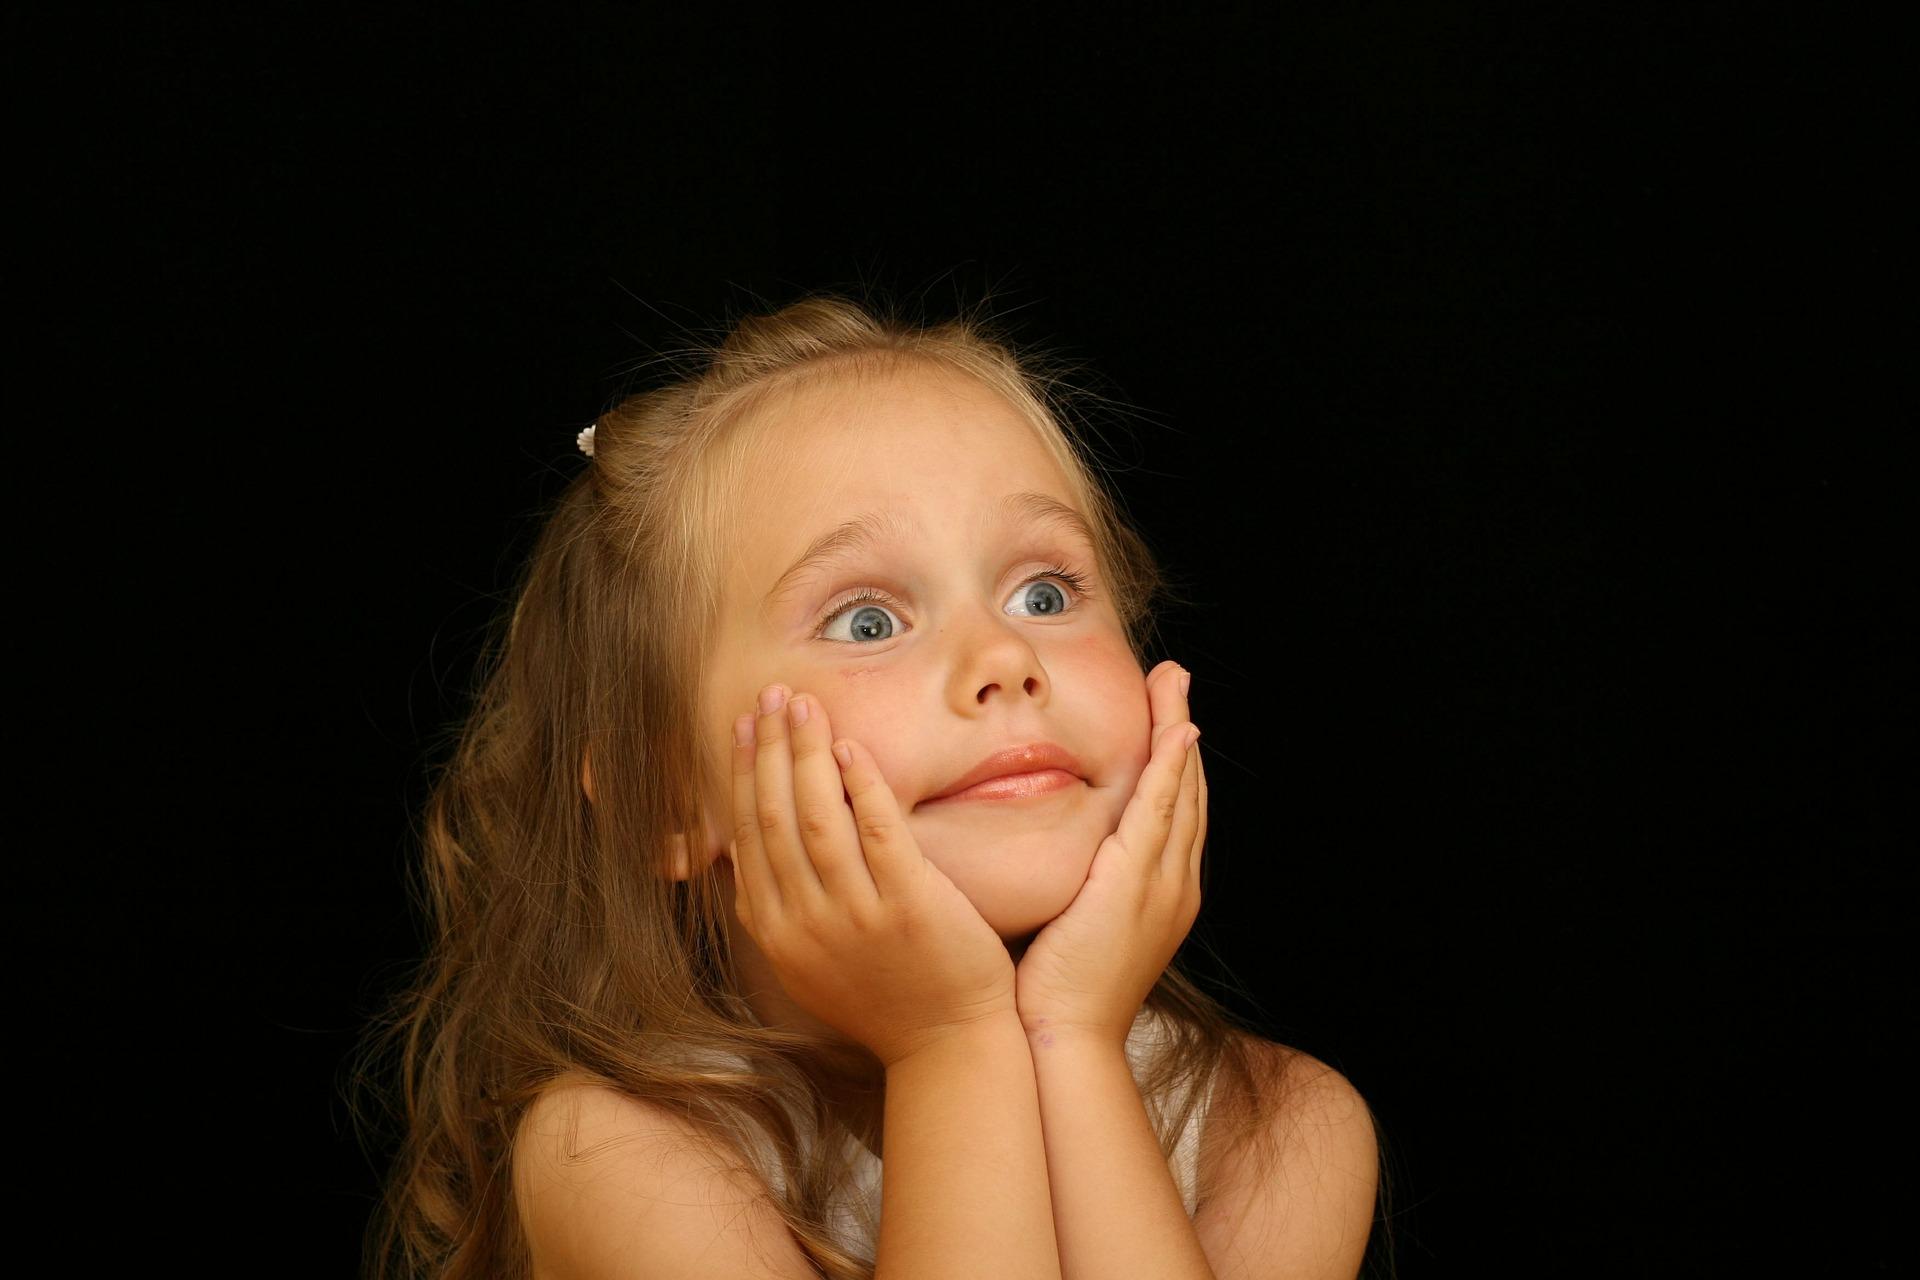 Astonished little girl